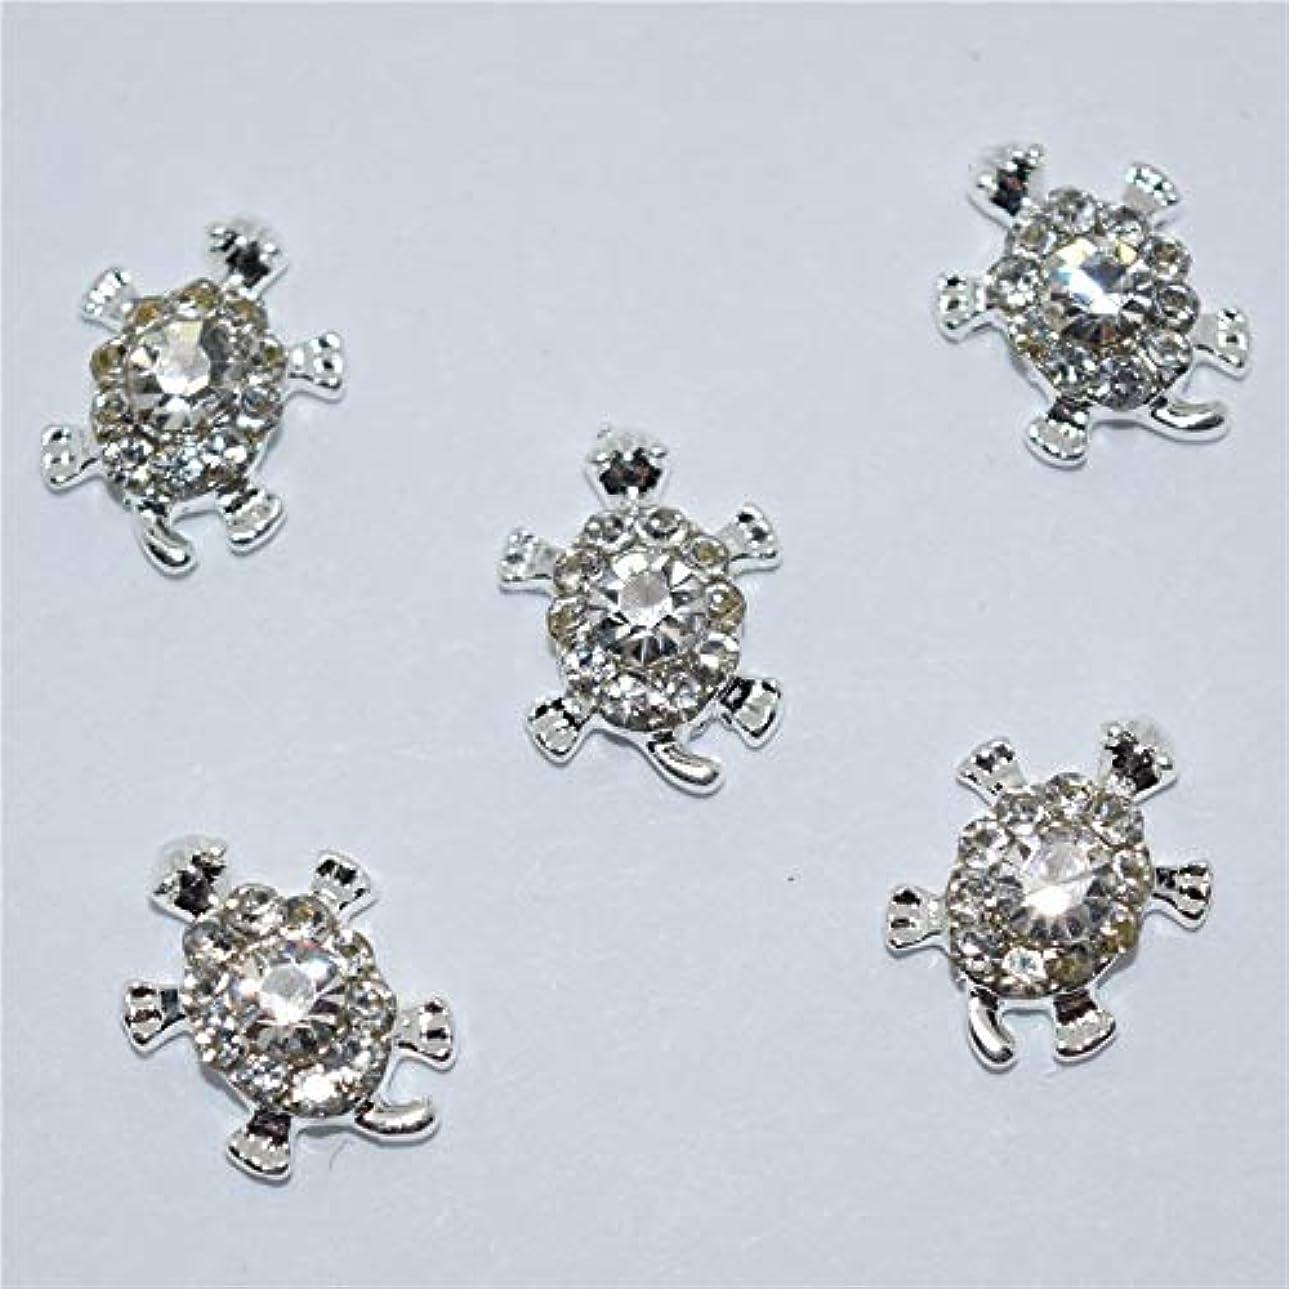 グラフ喜んで貫入10個入り新ホワイトダイヤモンド亀3Dネイルアートの装飾、合金ネイルチャーム、爪ラインストーンネイル用品